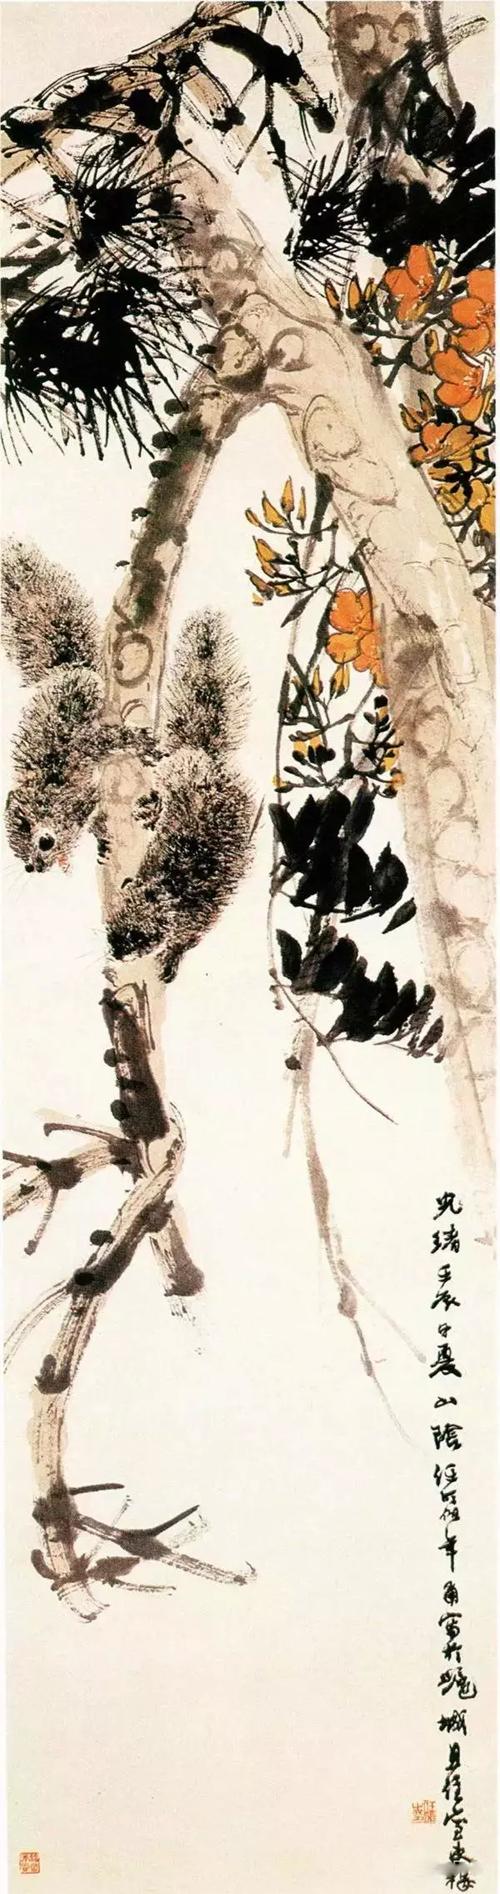 国画 500_1894 竖版 竖屏